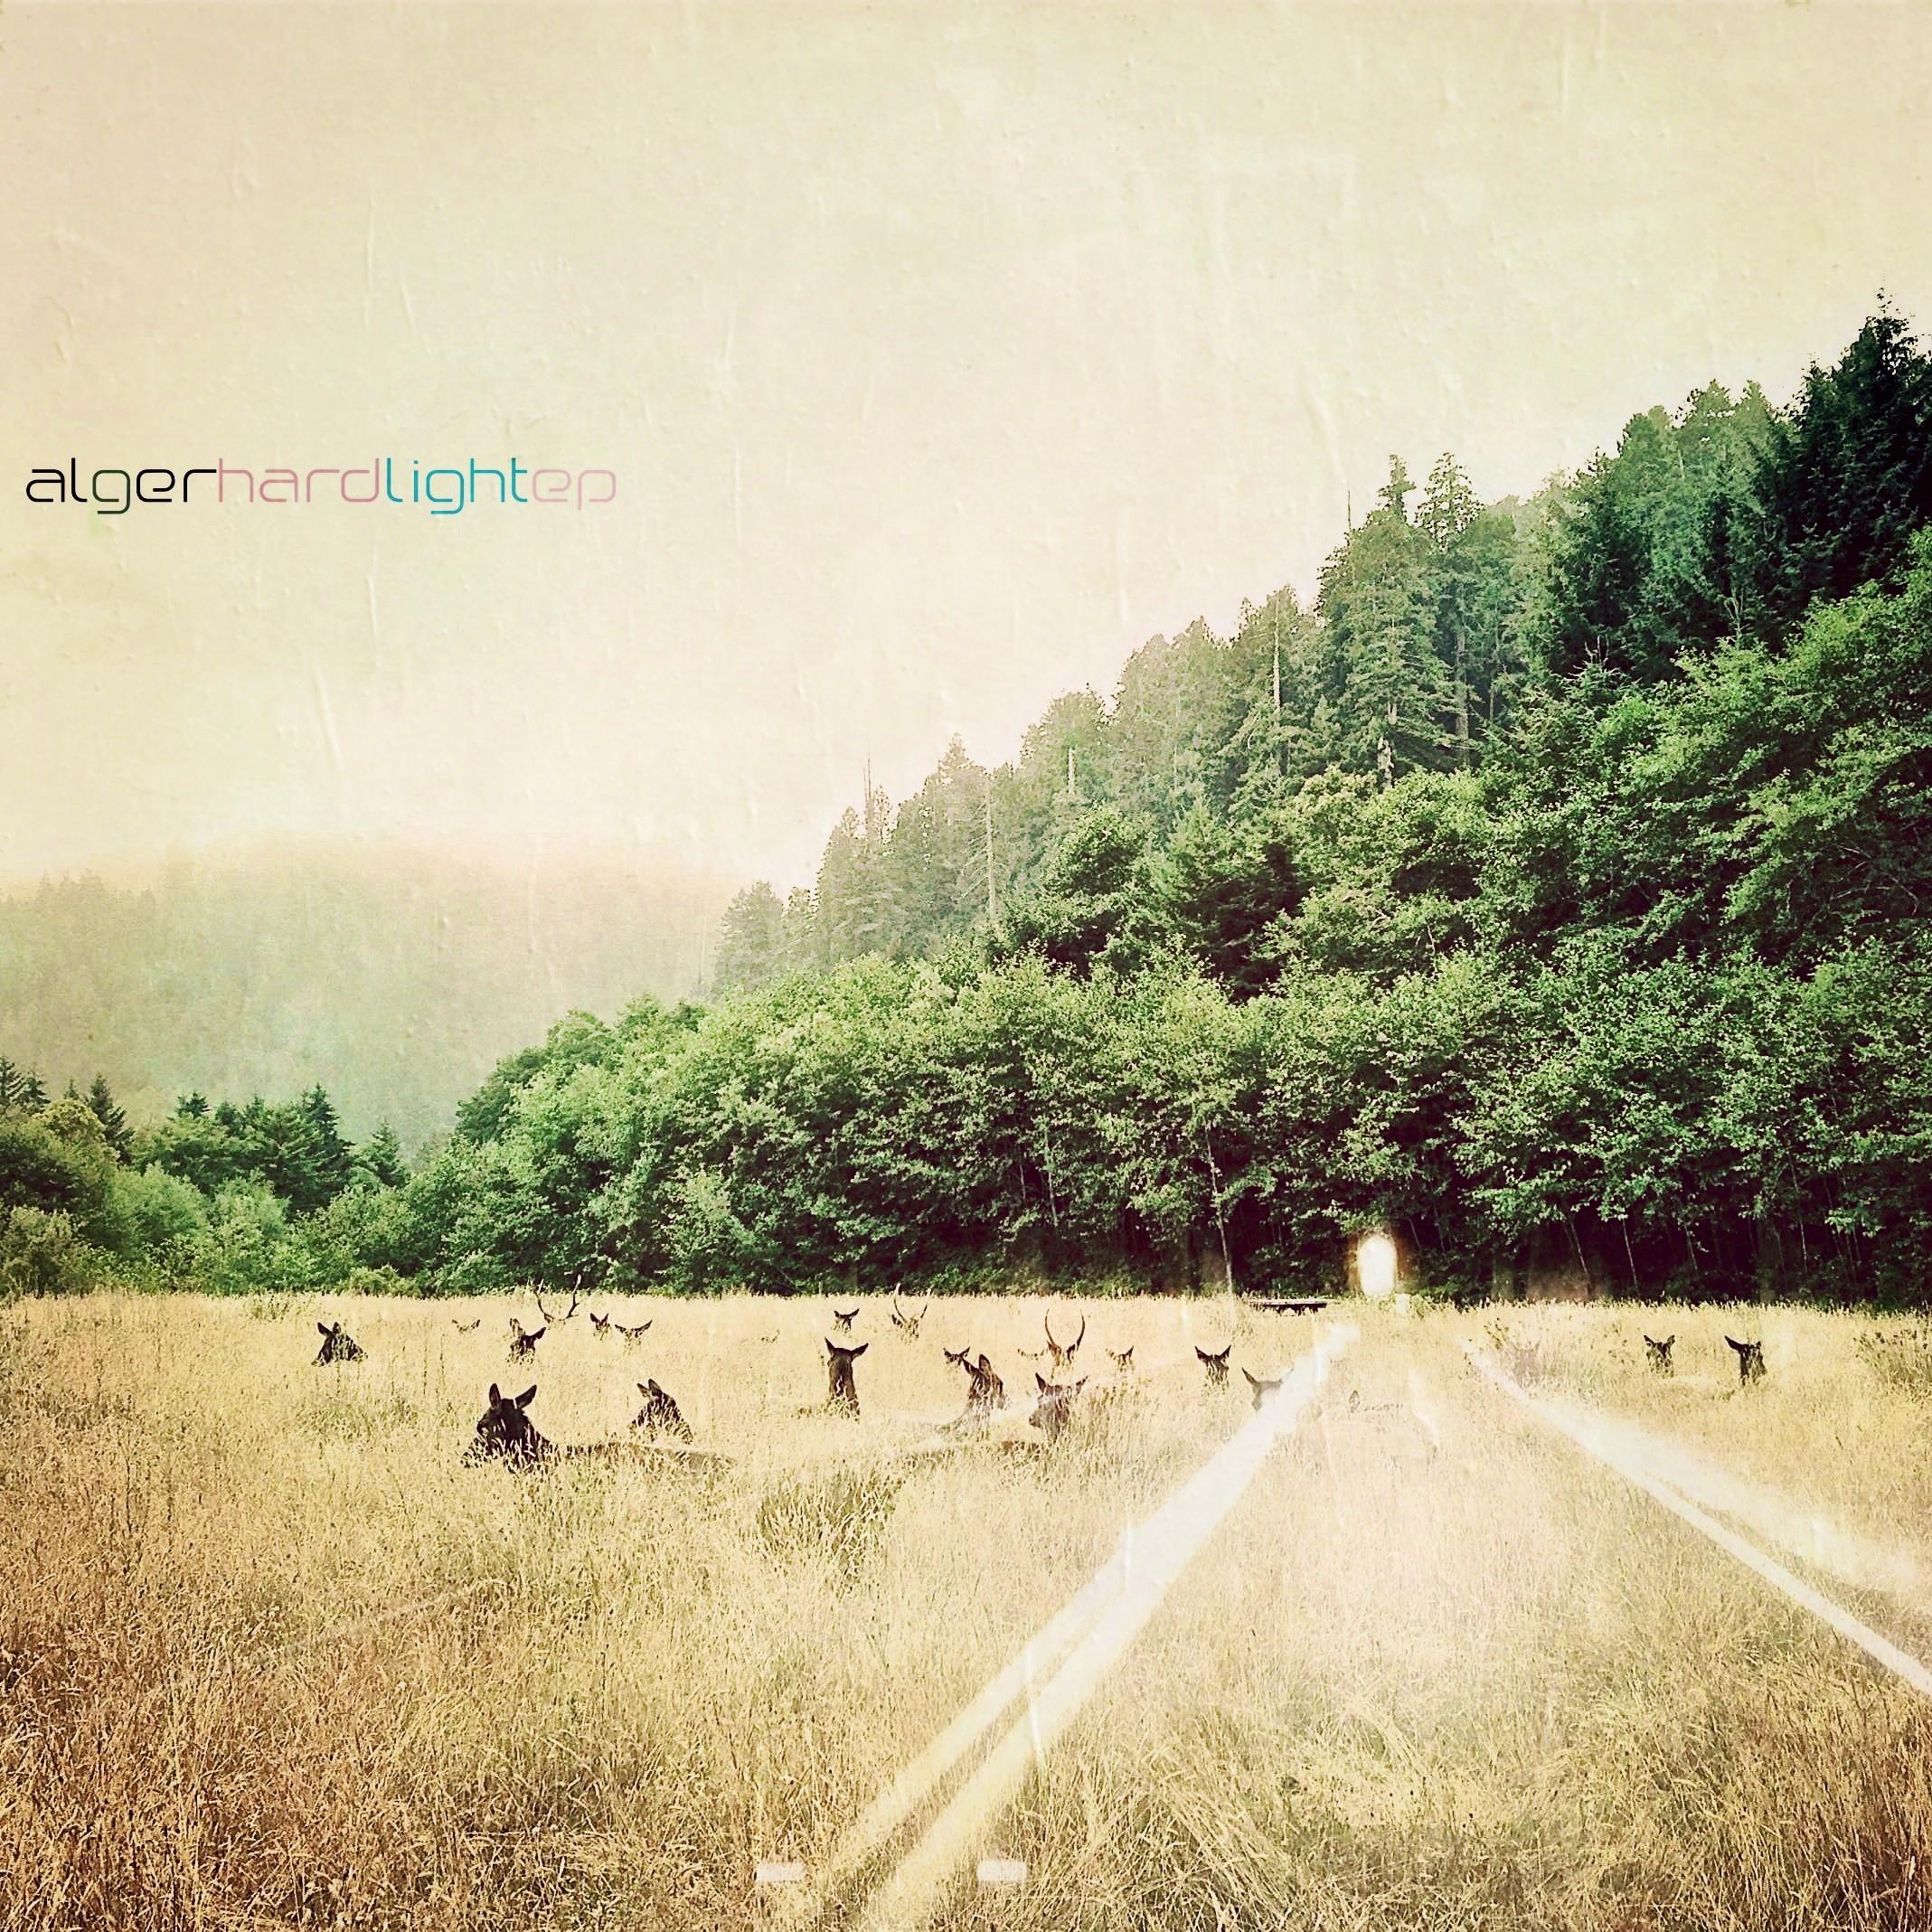 Alger Hard Light EP Cover.JPG